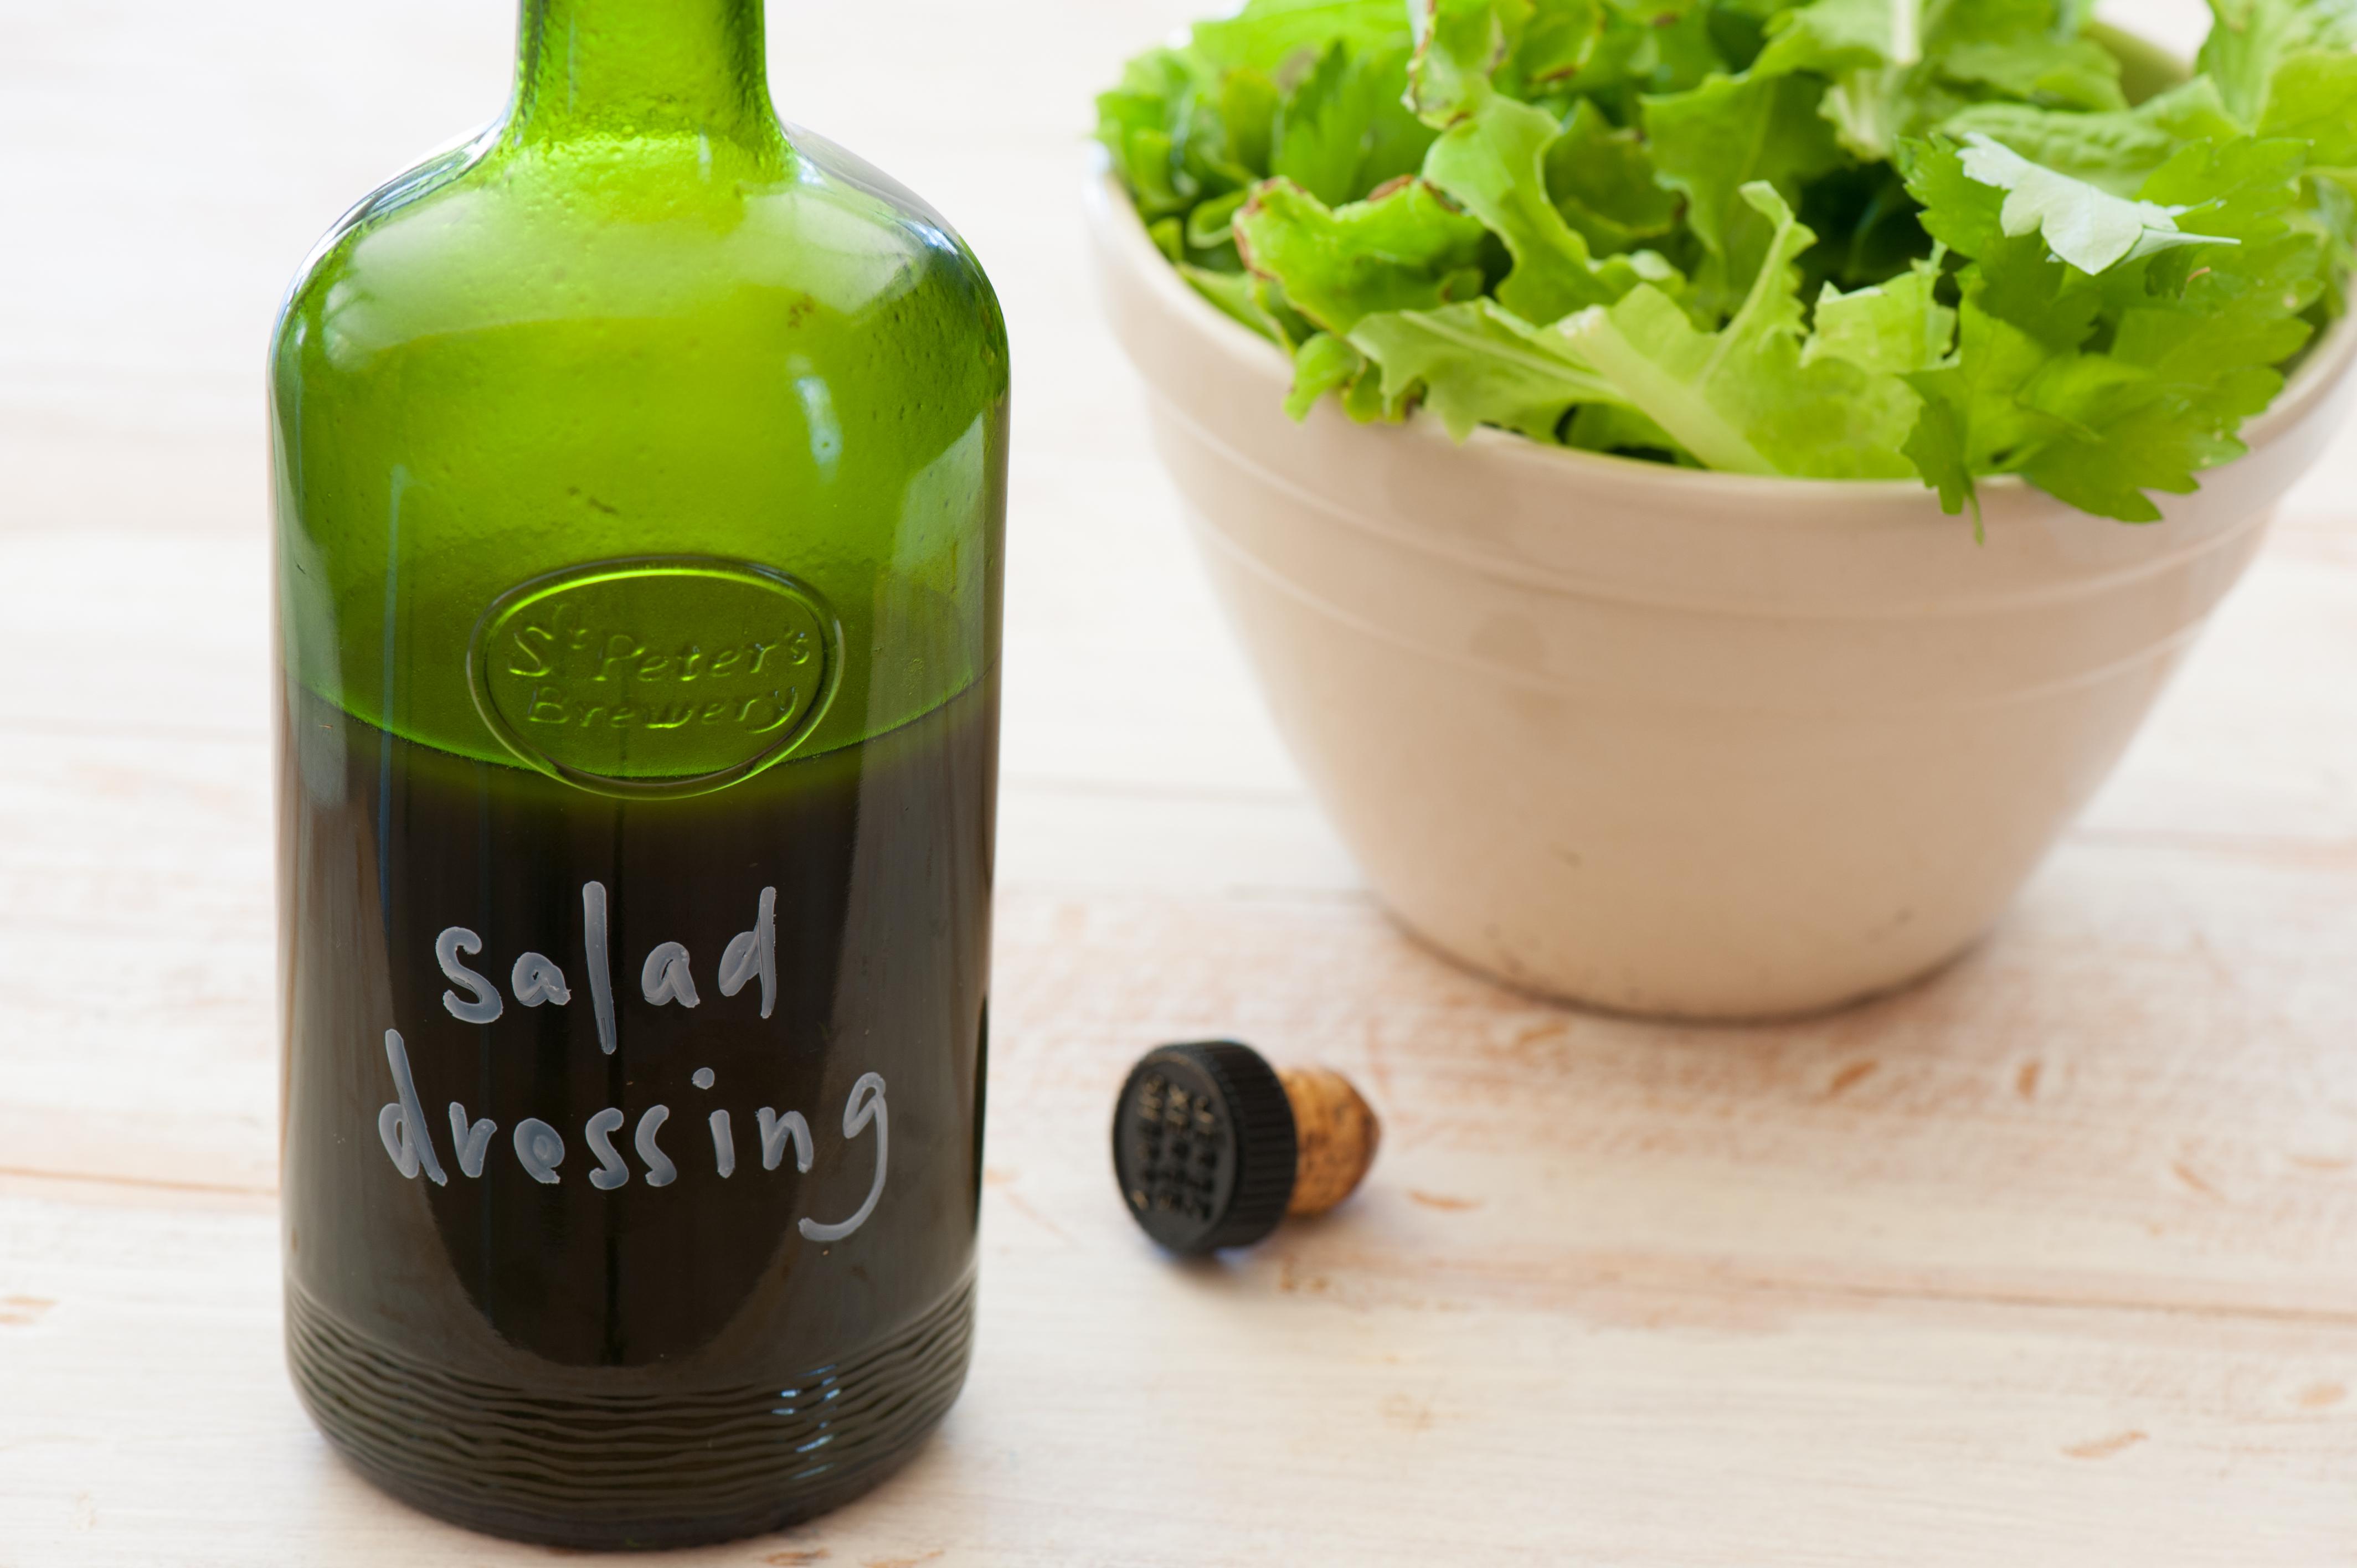 どんなサラダにもよく合う!手作り和風ドレッシングレシピ5選のサムネイル画像